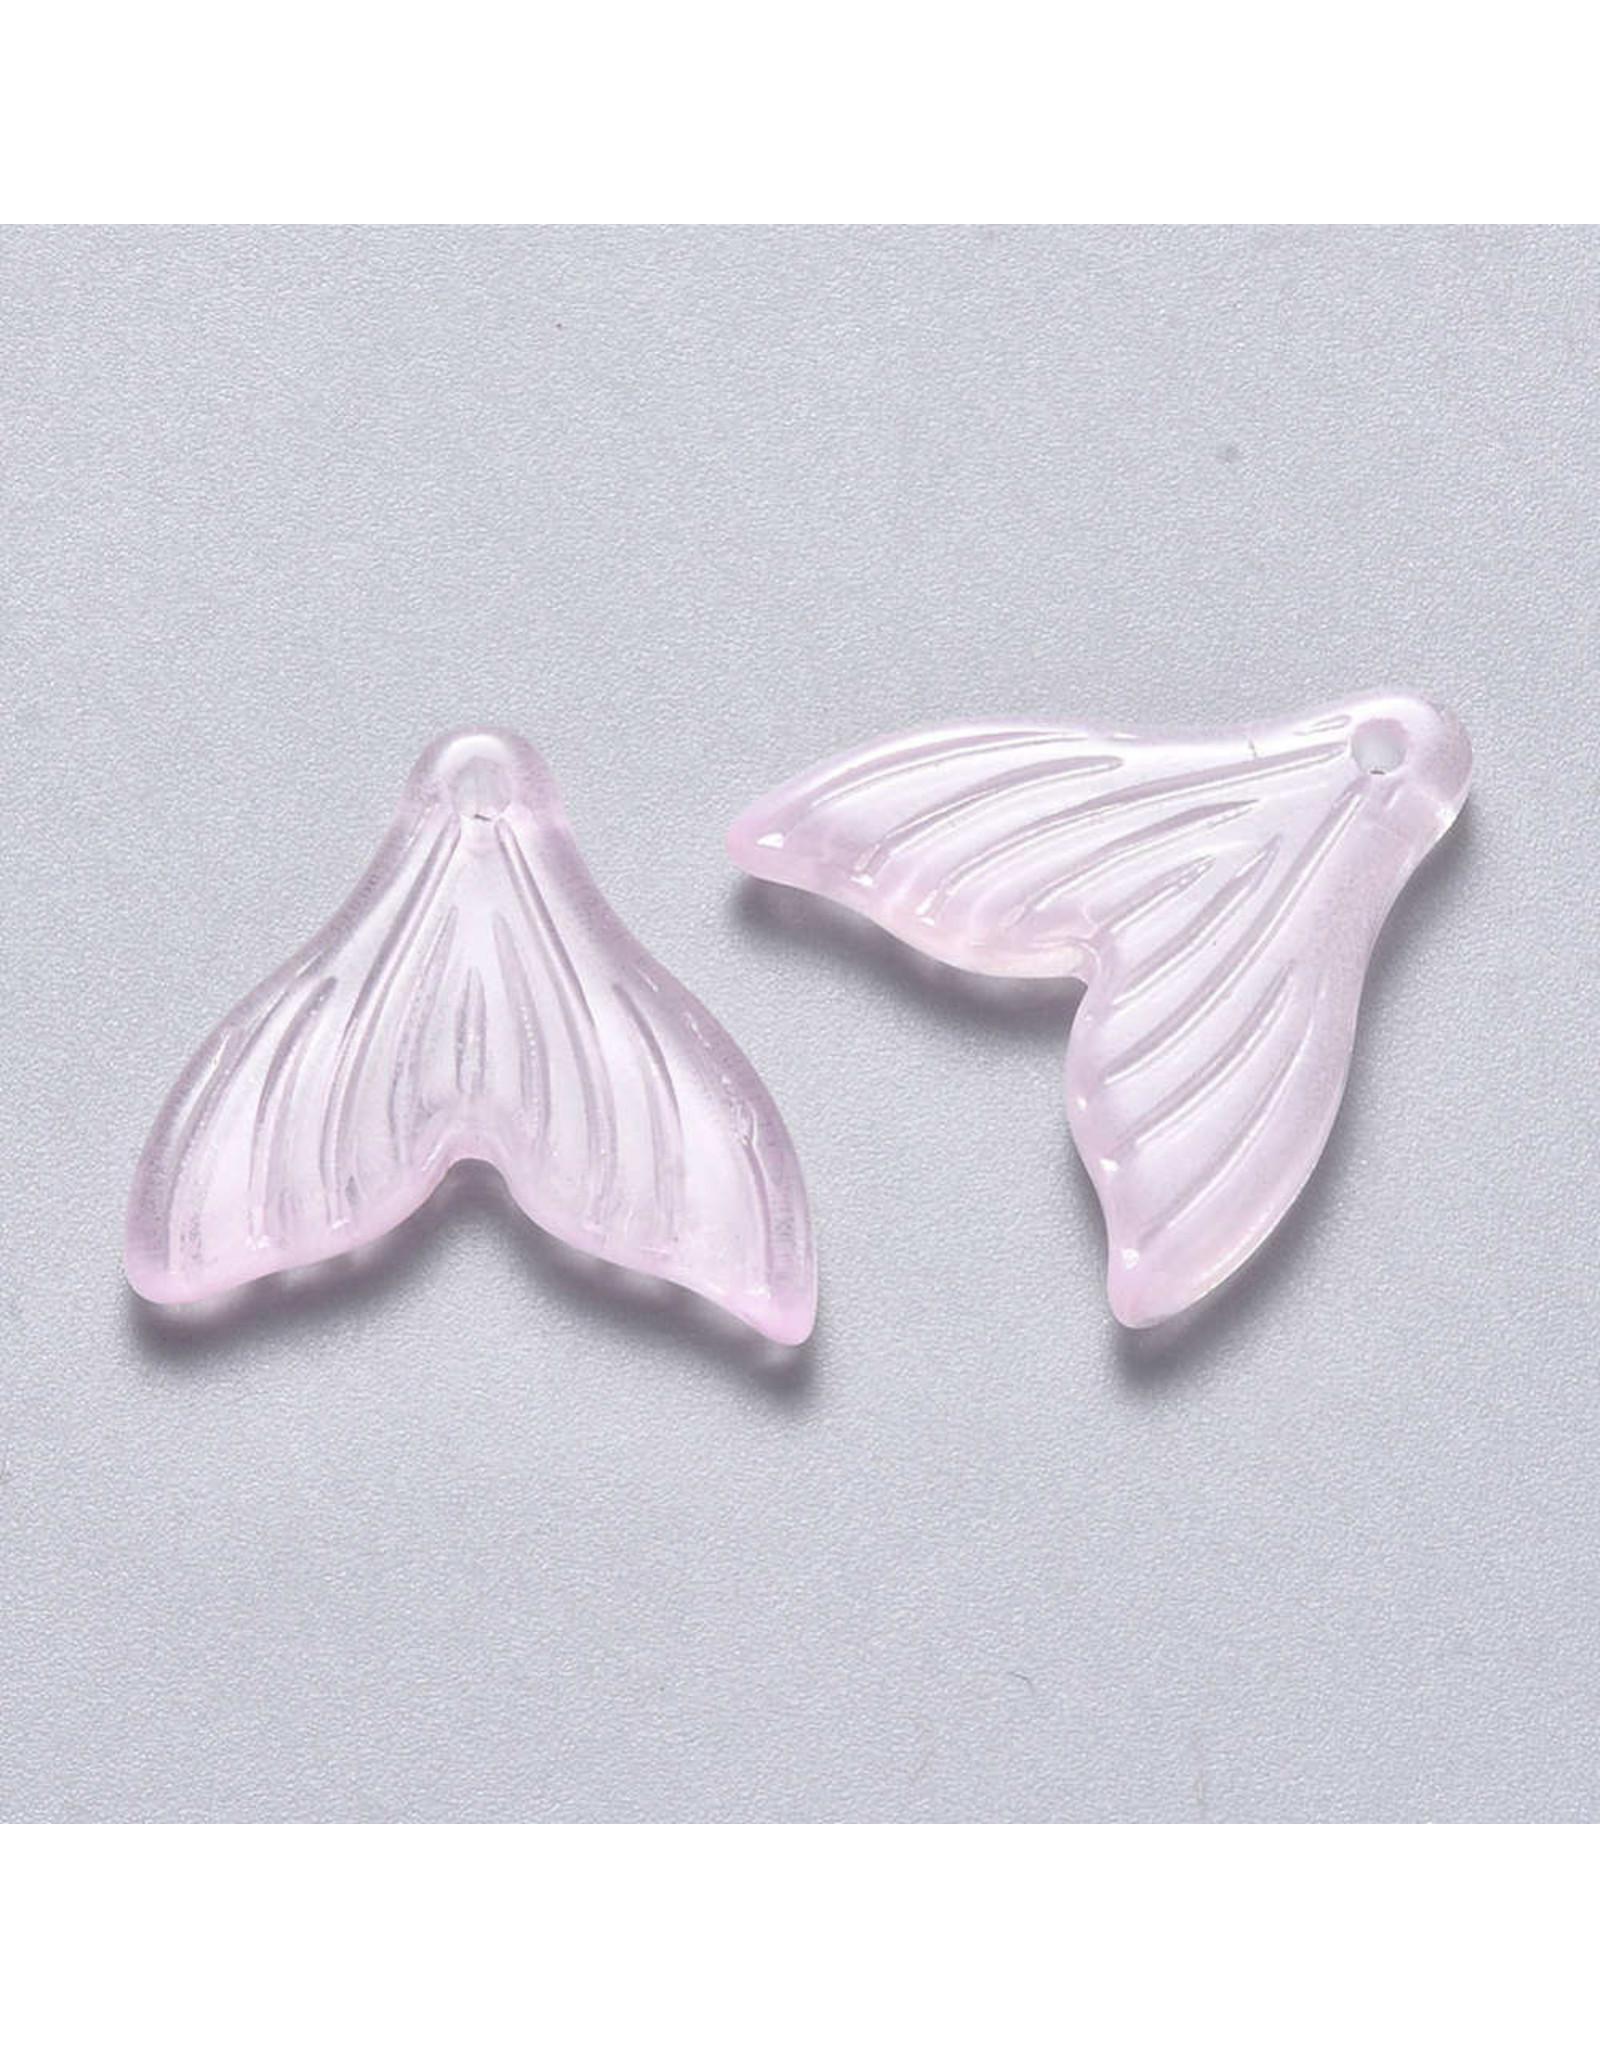 19x19x3mm Glass Mermaid Tail Pink  x6